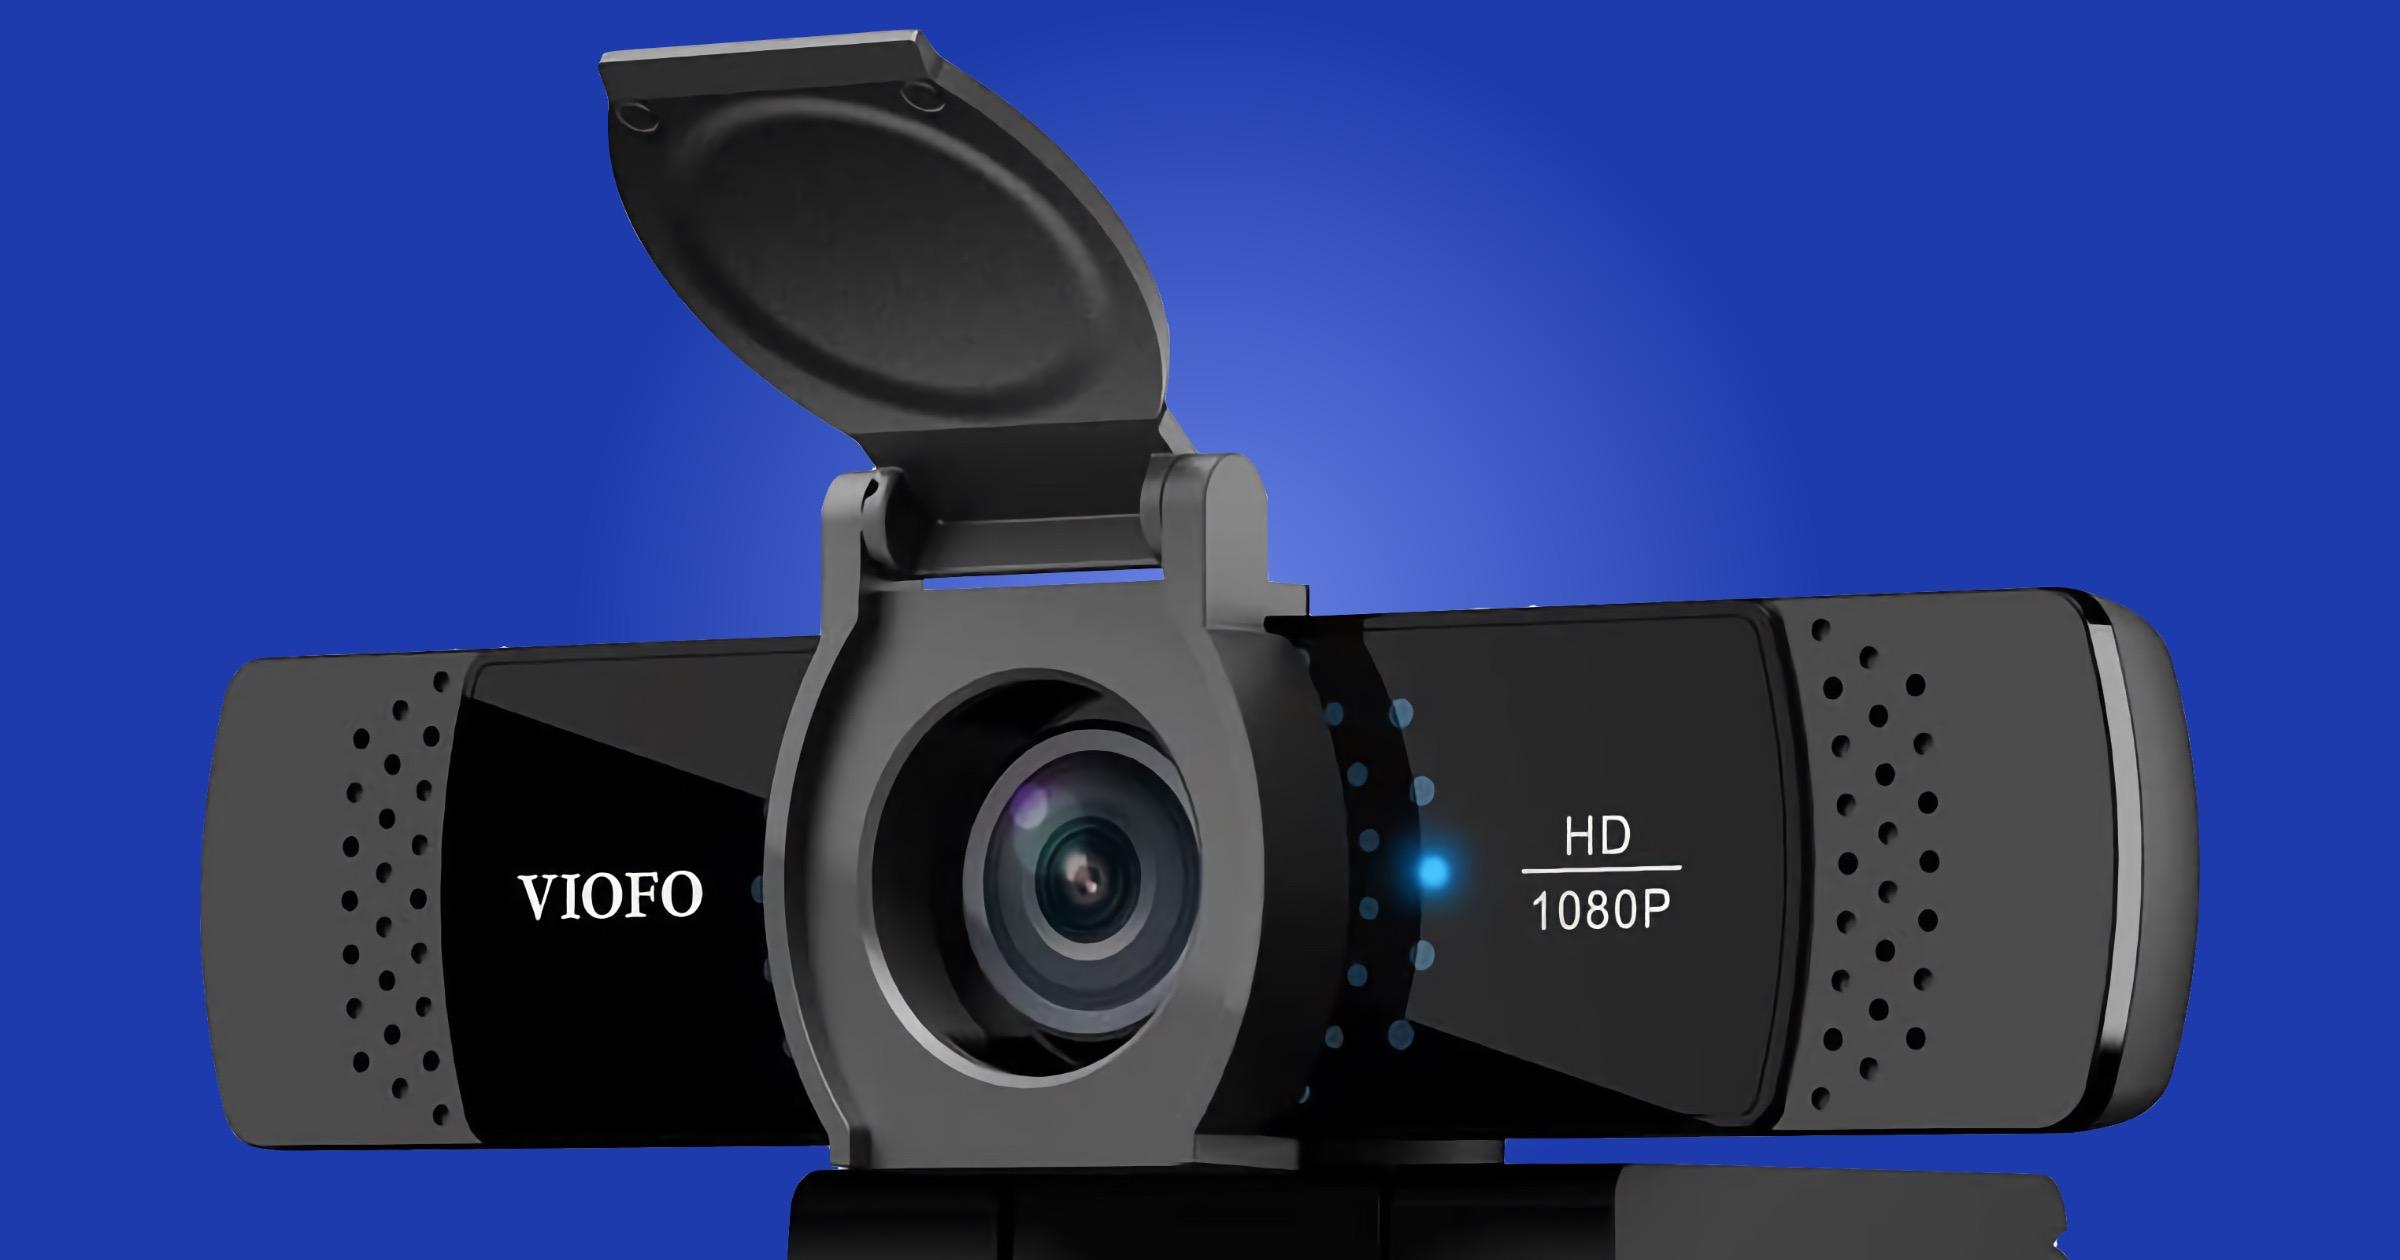 VIOFO P800 webcam